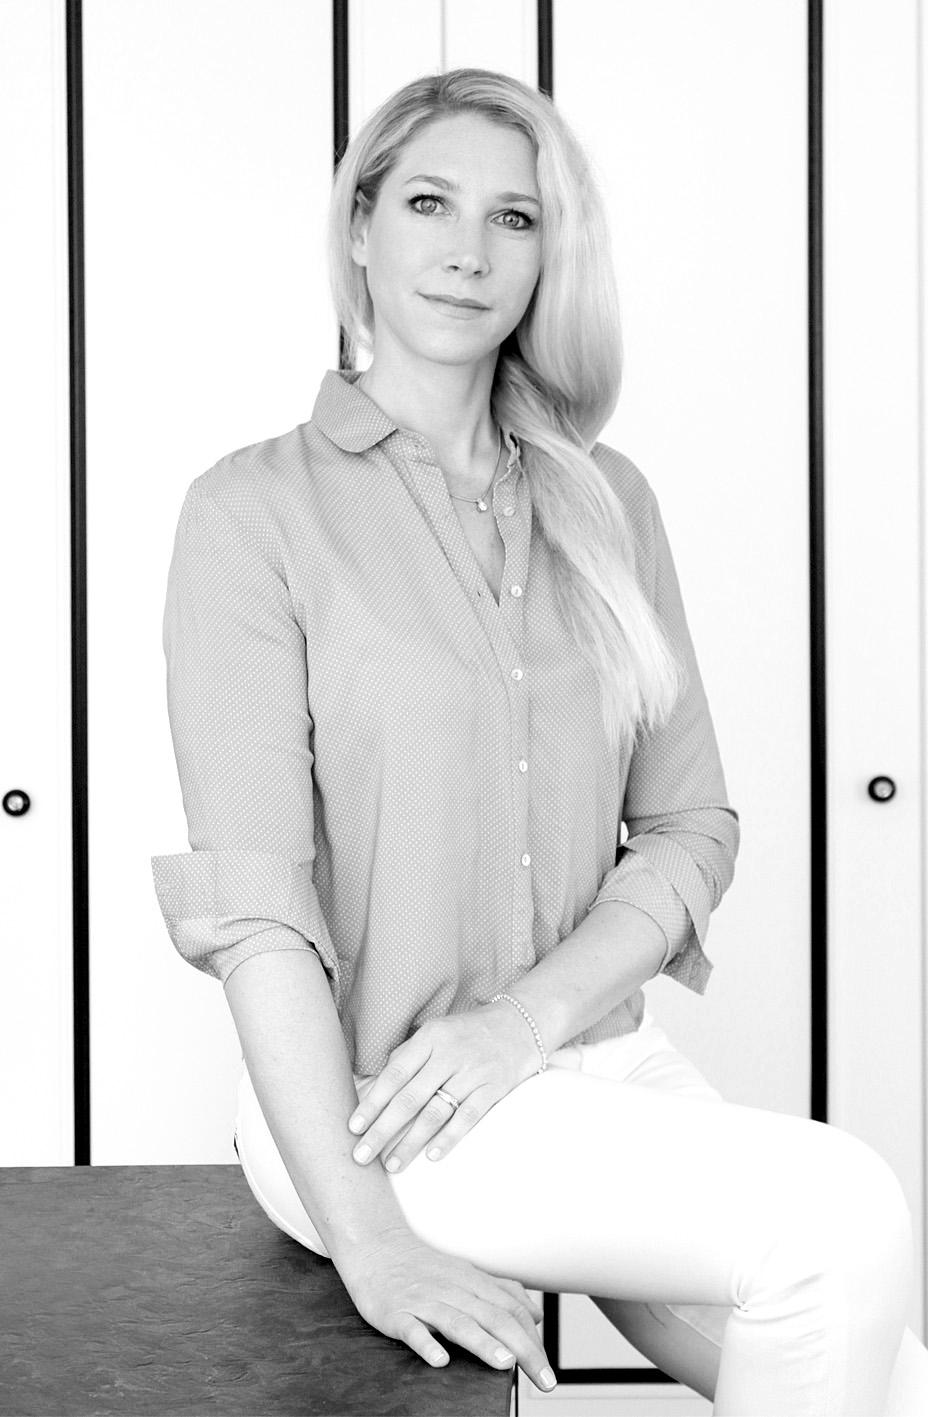 Natalie Raggi